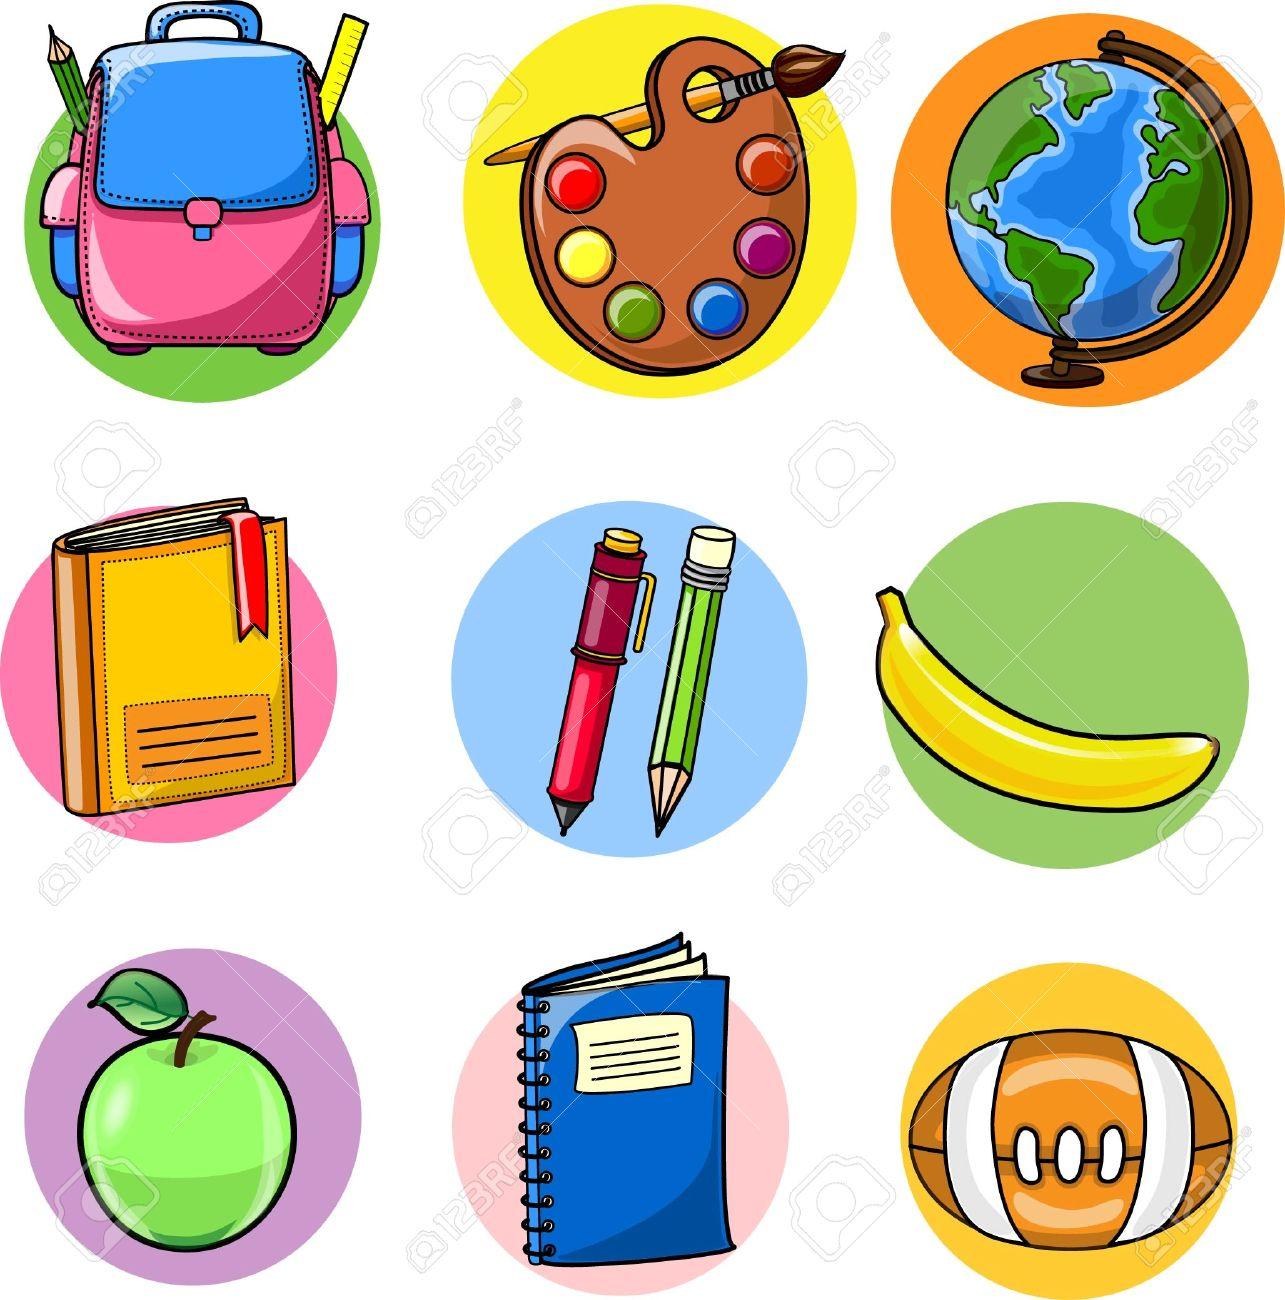 Back To School, School Supplies Royalty Free Cliparts, Vectors ...